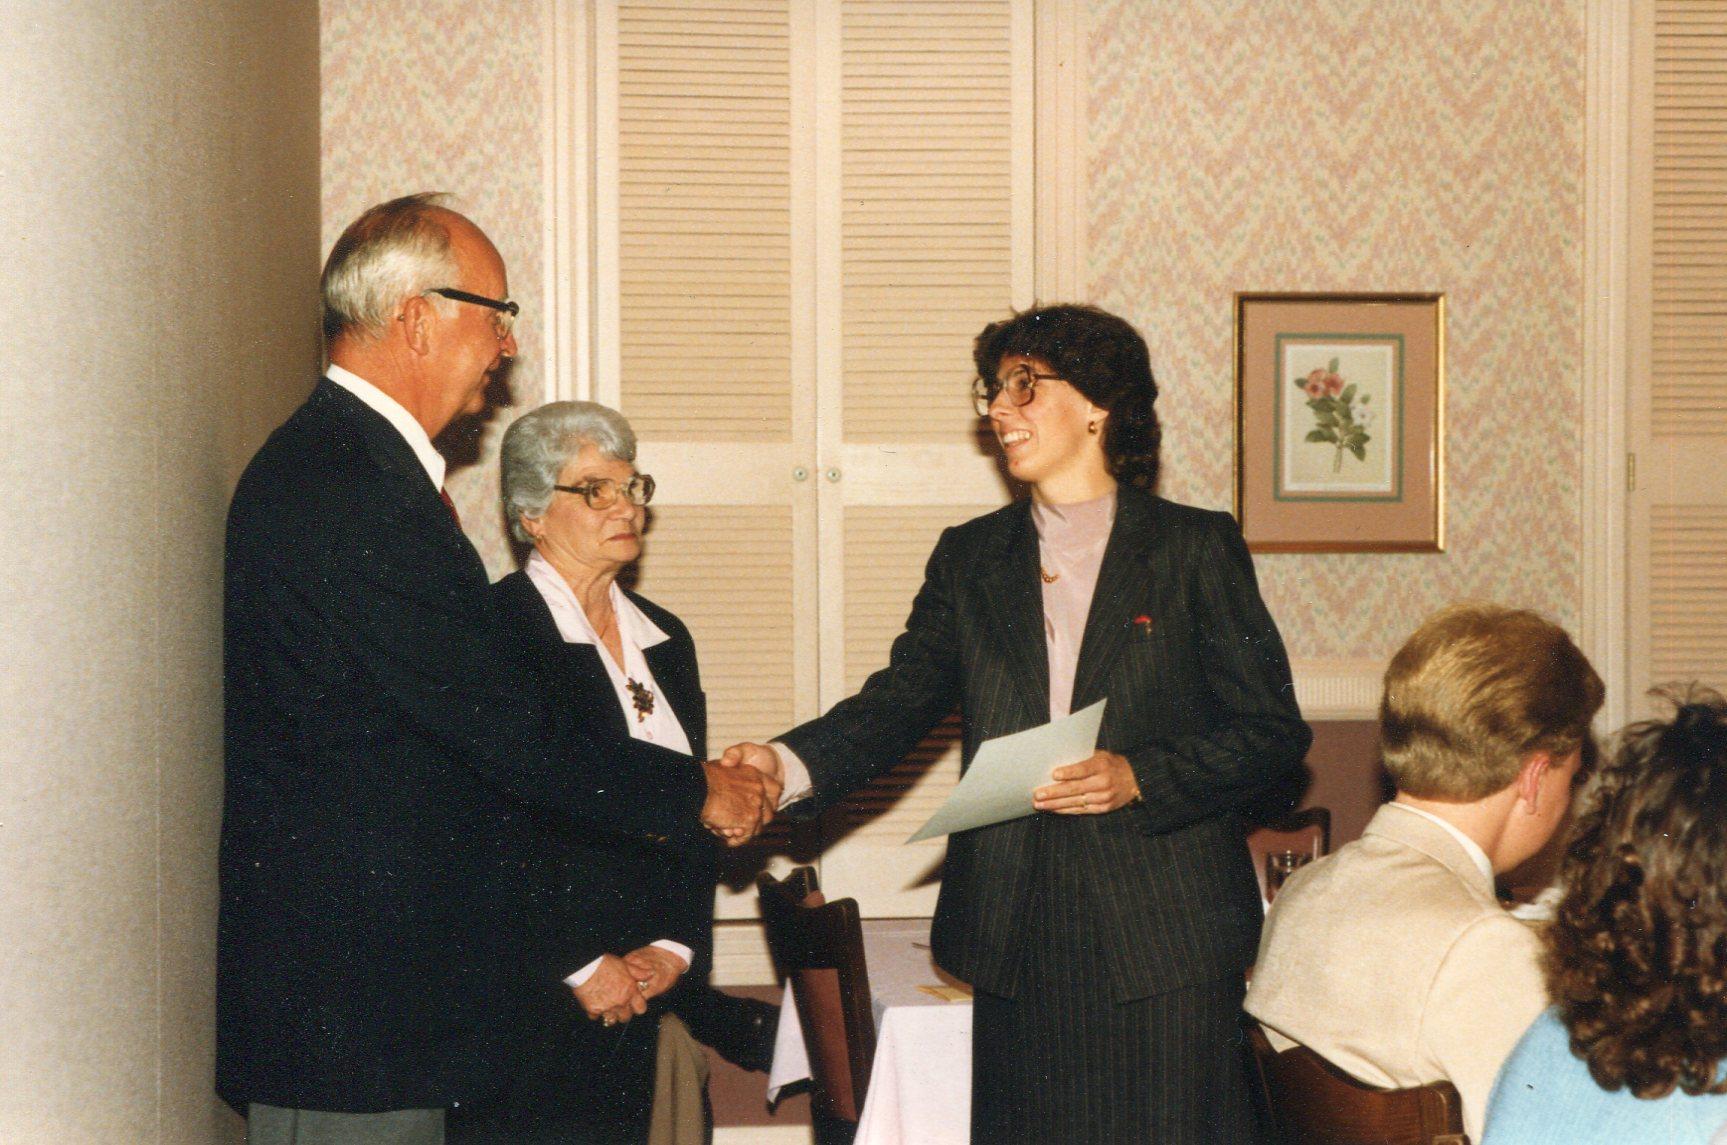 Nancy Wojechowski receiving an award